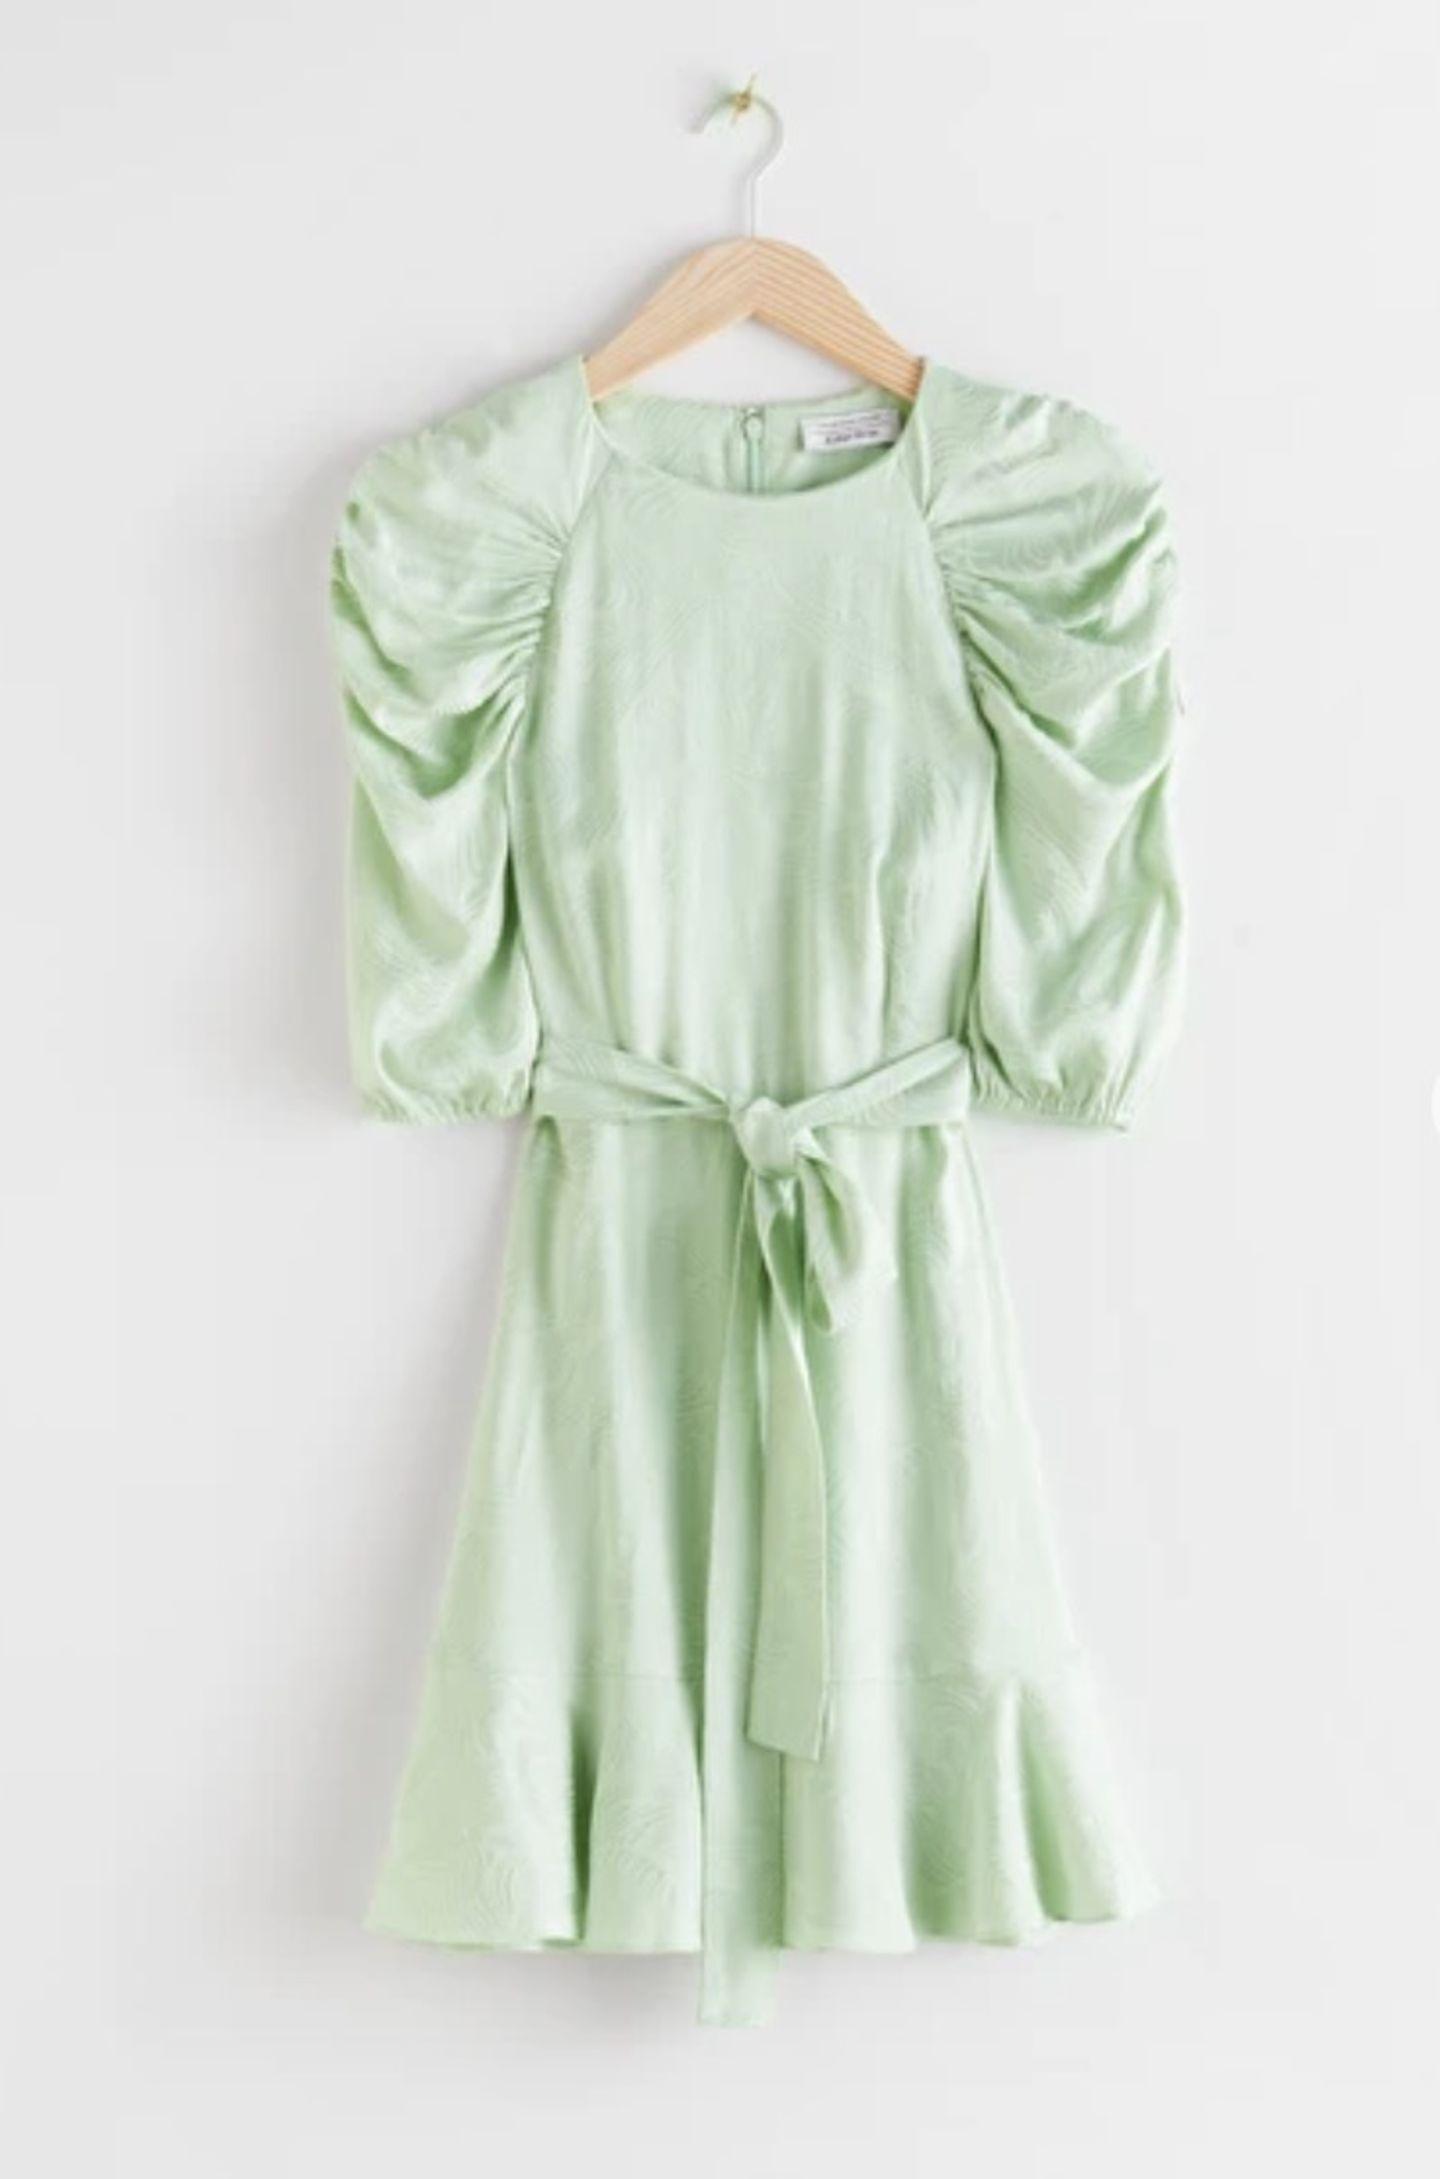 Na, wer bekommt beim Anblick dieses Kleides auch Lust auf ein leckeres Pistazieneis? Wir definitiv! Das Dress mit zarten Puffärmeln und Bindegürtel ist jedenfalls der perfekte Begleiter im Sommer und hat somit einiges mit unserer liebsten Eissorte gemeinsam. Von & other Stories, reduziert auf 90 Euro.